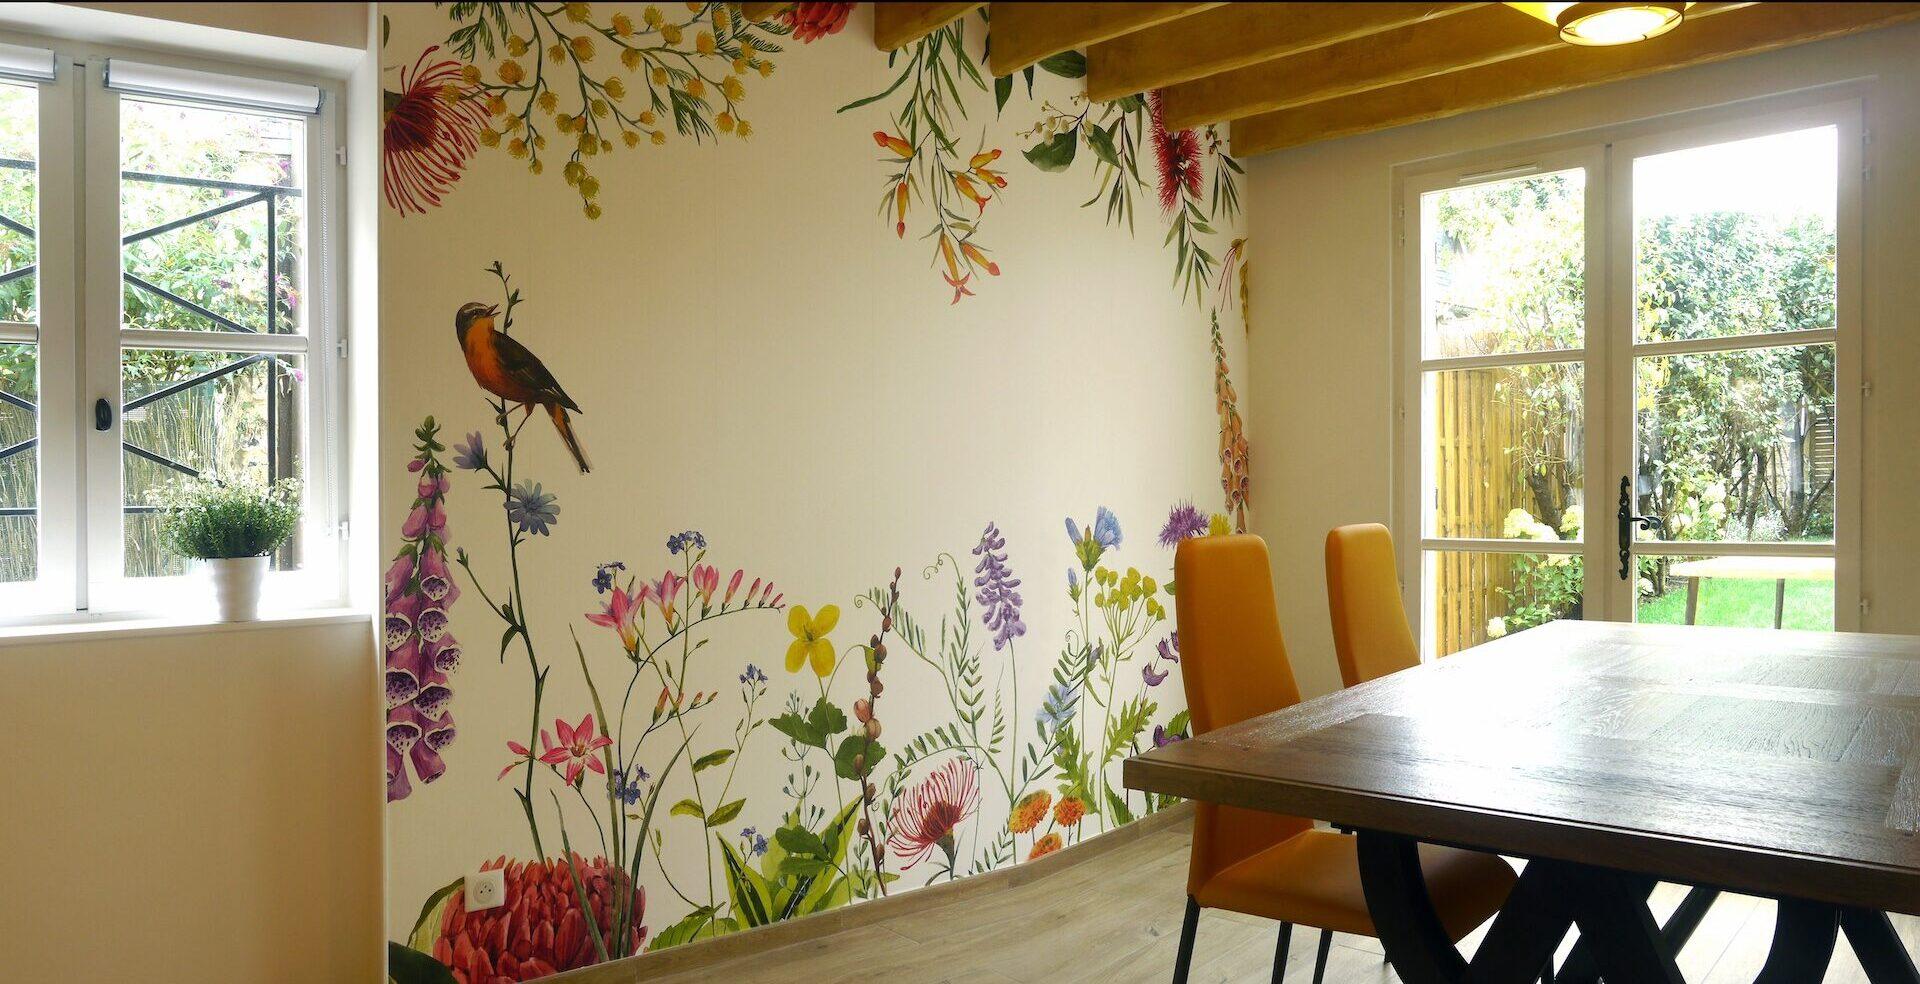 Vue sur la pièce de vie avec papier panoramique nature et nature extérieure © francois louchet, par CREA DECO, Décoratrice UFDI à Honfleur, Deauville, Caen - 14